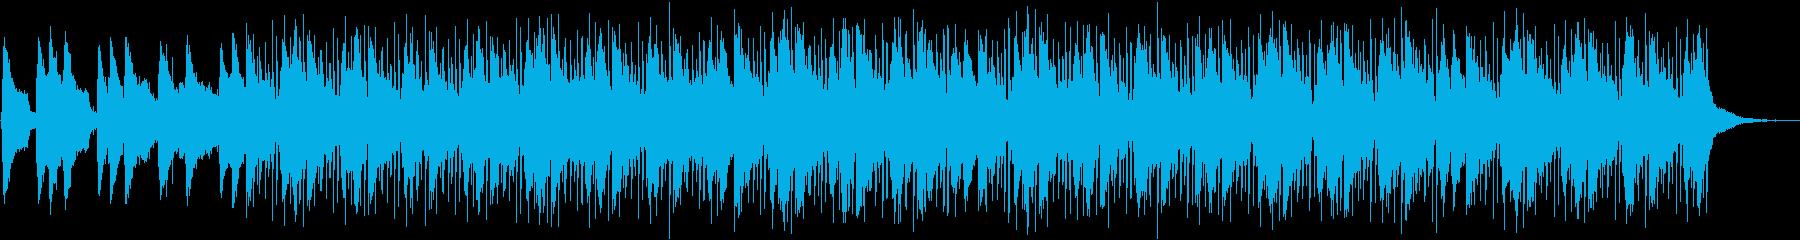 雨の日をイメージしたLoFi HipHoの再生済みの波形